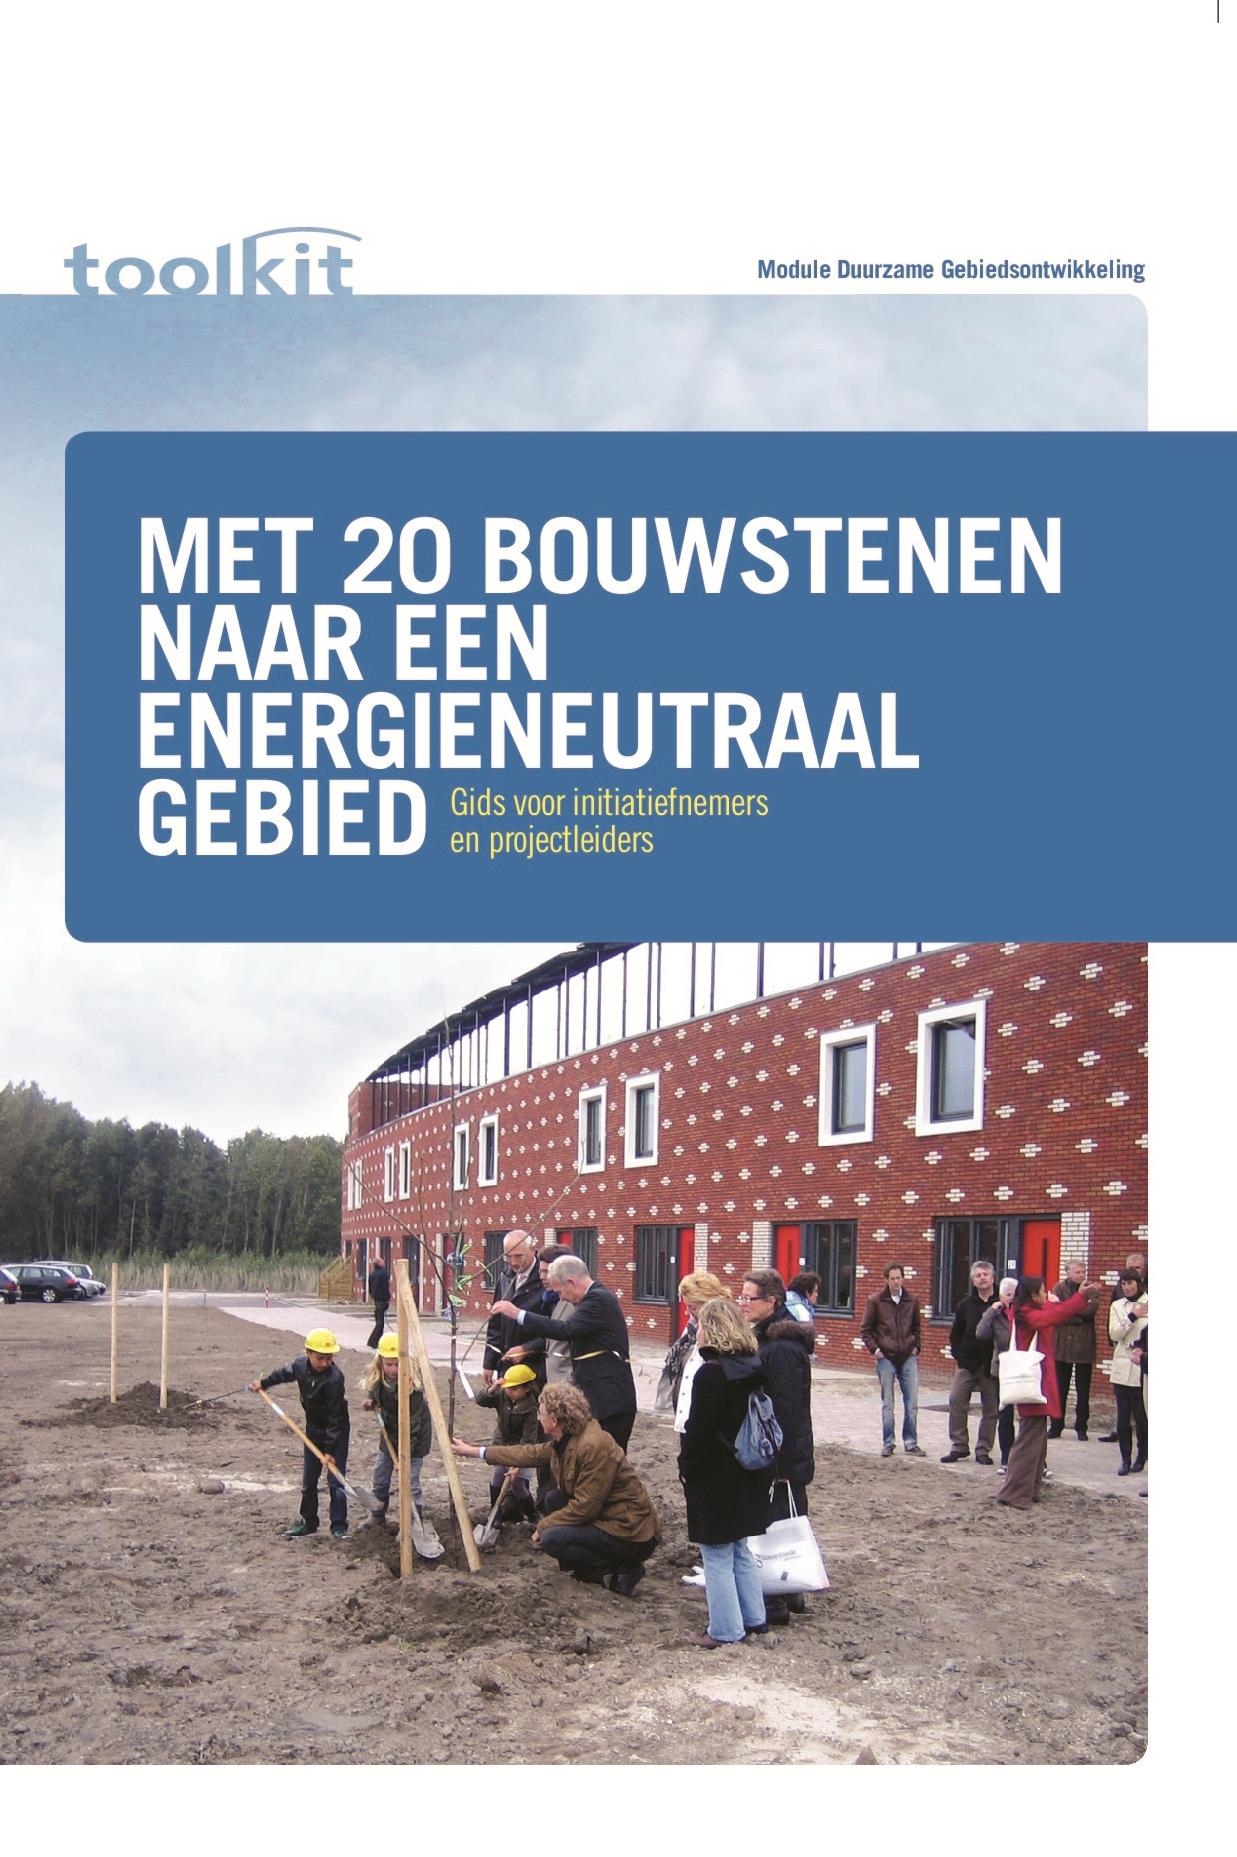 Met 20 bouwstenen naar een energieneutraal gebied